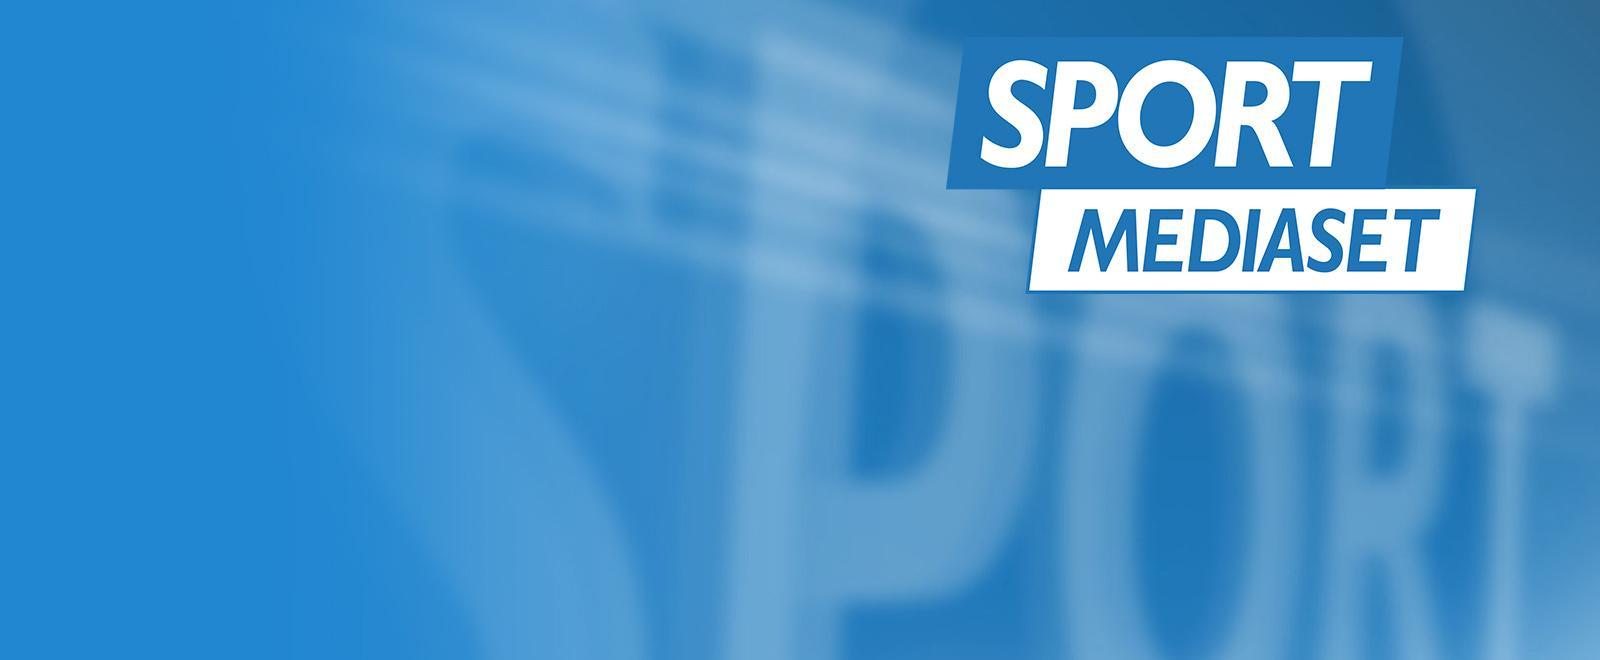 Sport Mediaset - La giornata